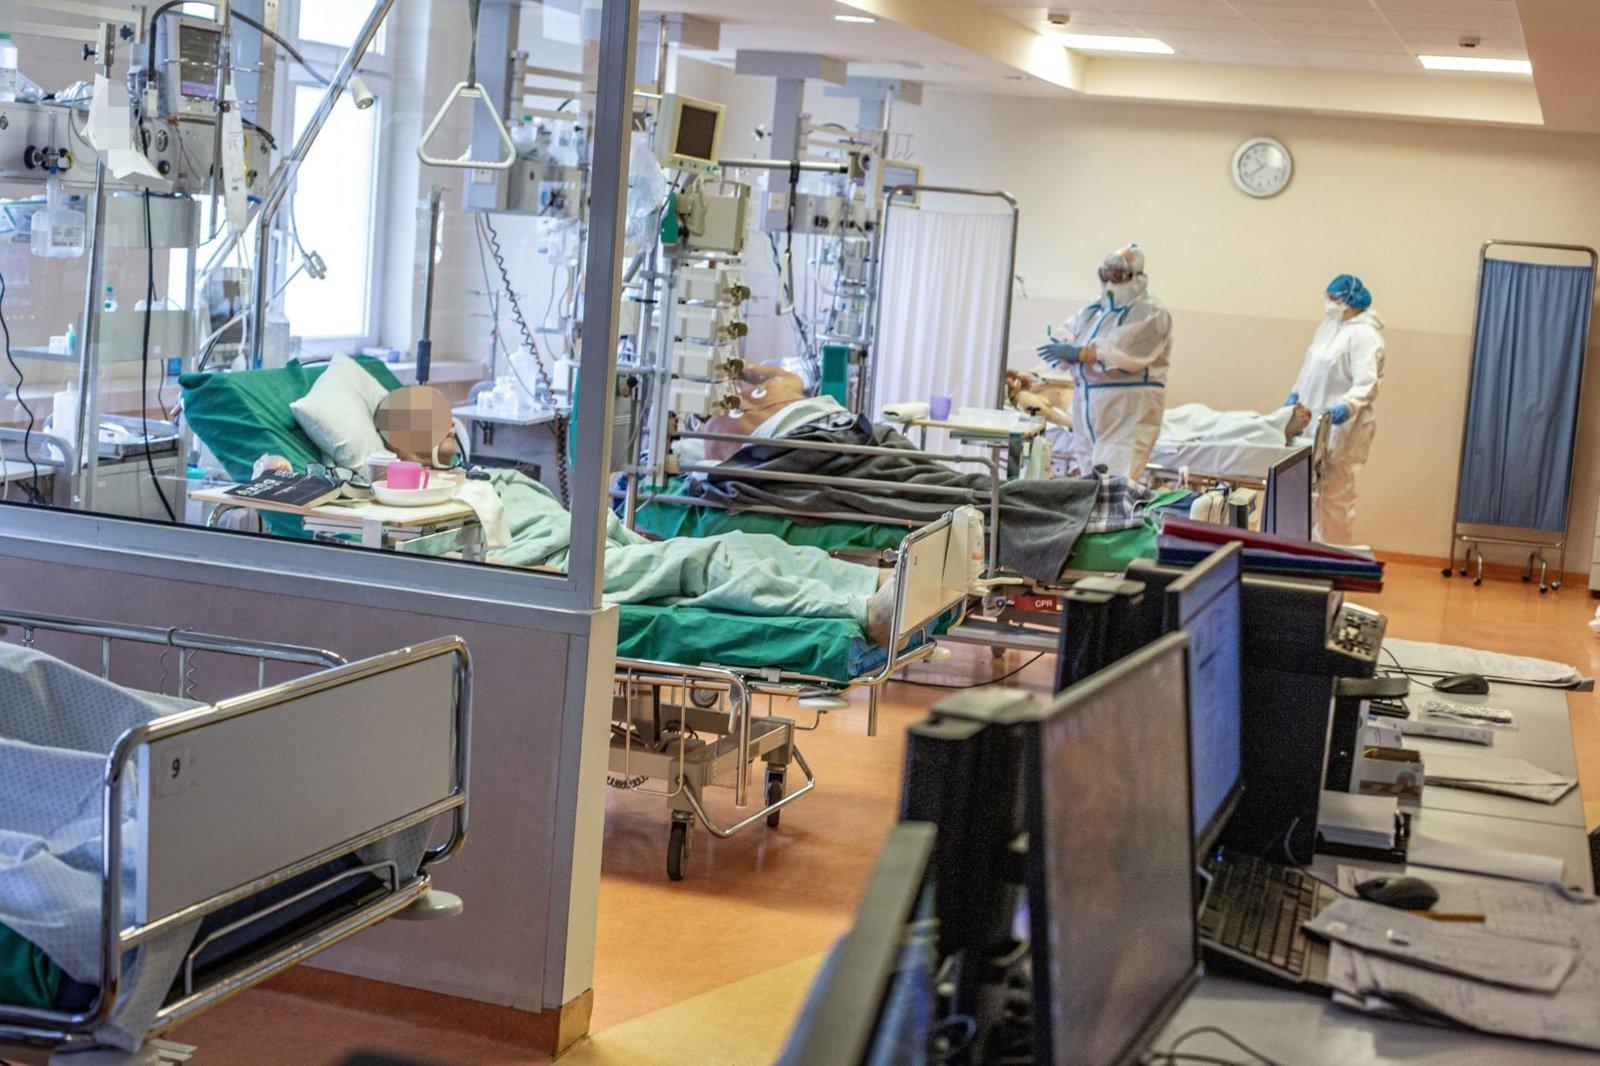 Nauji koronaviruso atvejai: miršta 60-mečiai, fiksuoti atvejai protrūkiuose